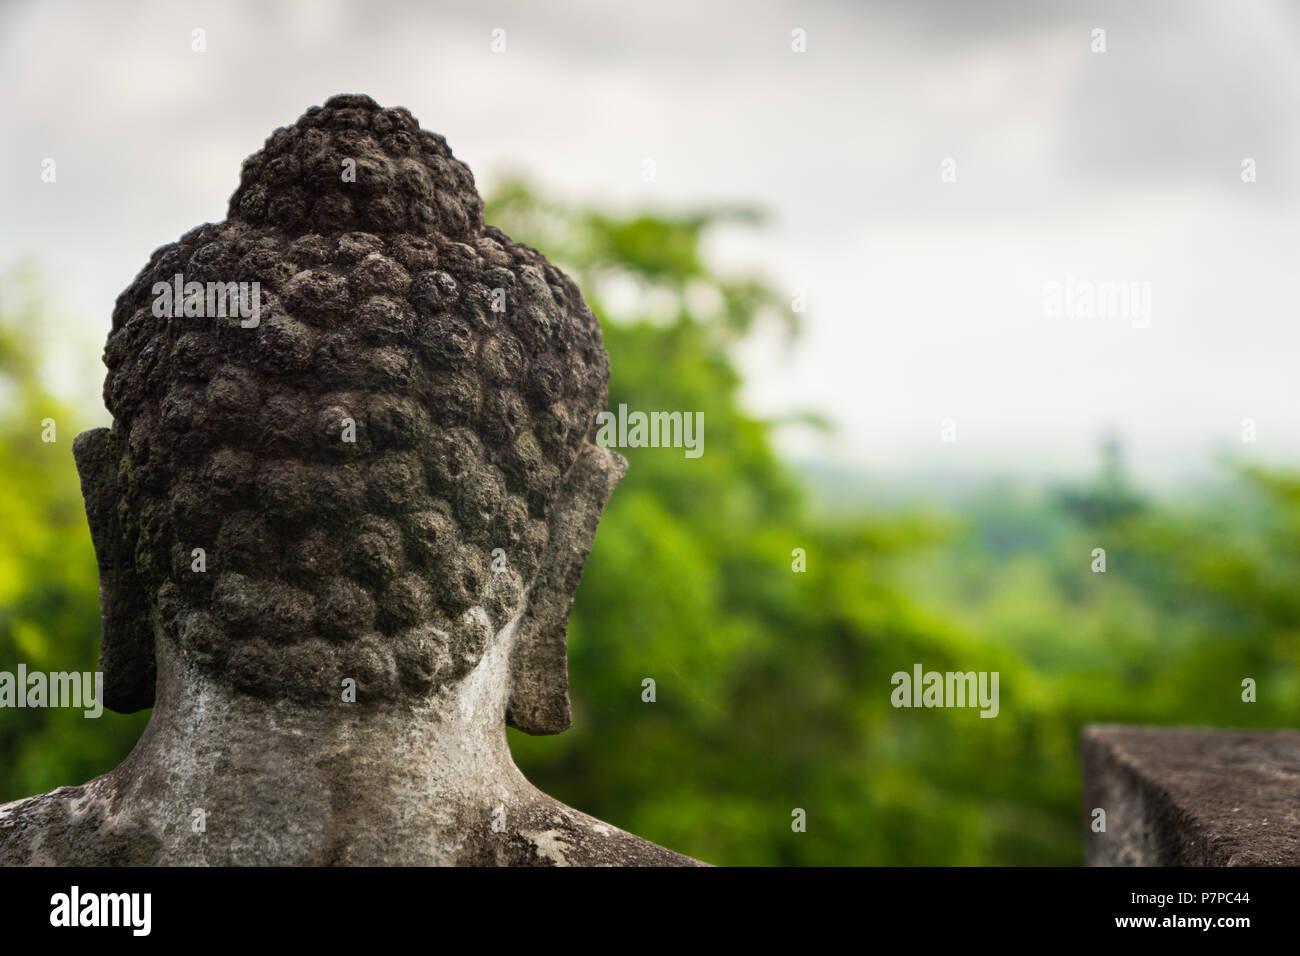 La parte posterior de la cabeza de una estatua de Buda mirando el Templo Borobudur en Indonesia. Imagen De Stock